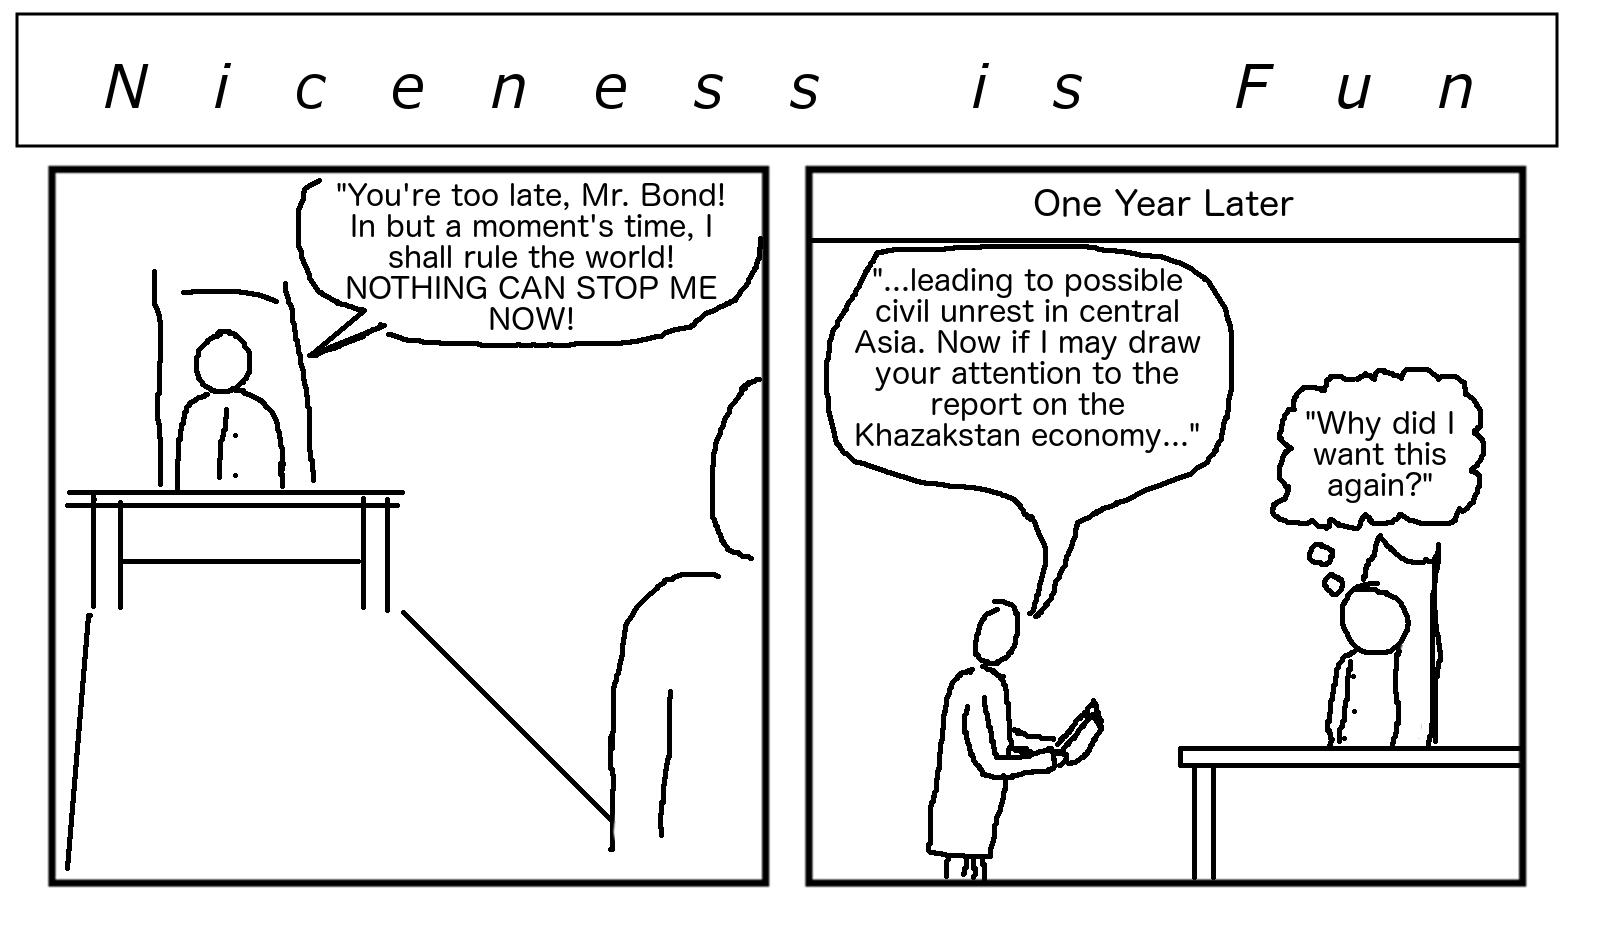 Nicness is Fun #18